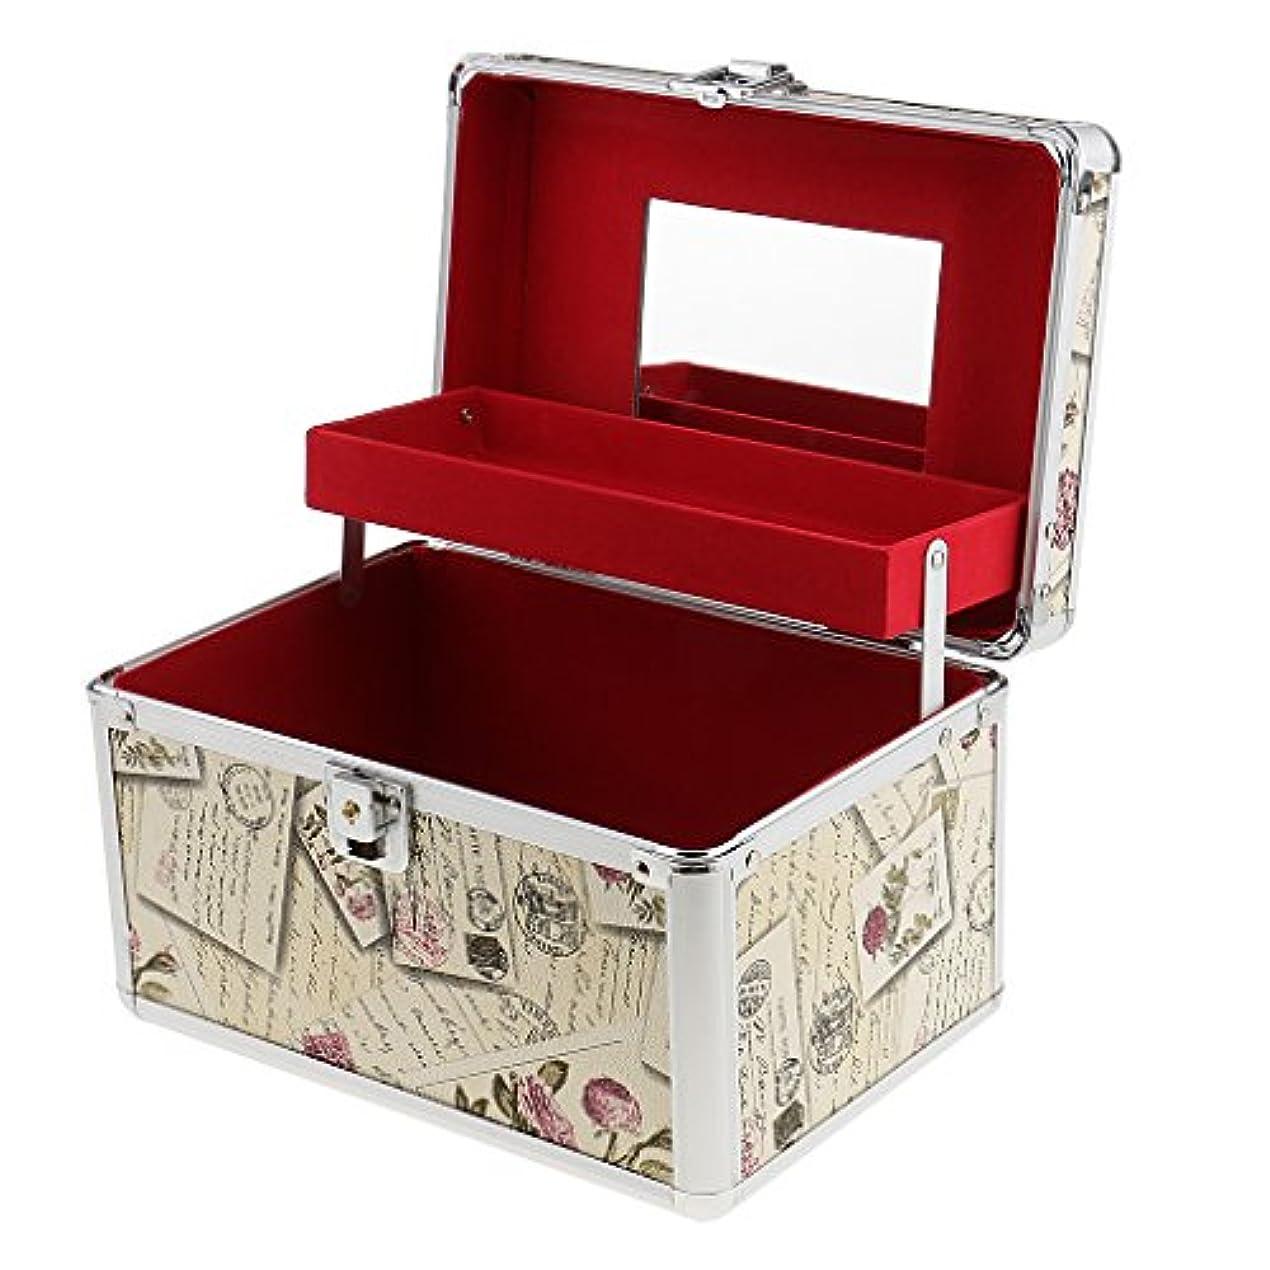 マラウイ商標アルカイック大容量 メイクボックス アルミ 二層 化粧品 オーガナイザー 収納ケース 鏡付き